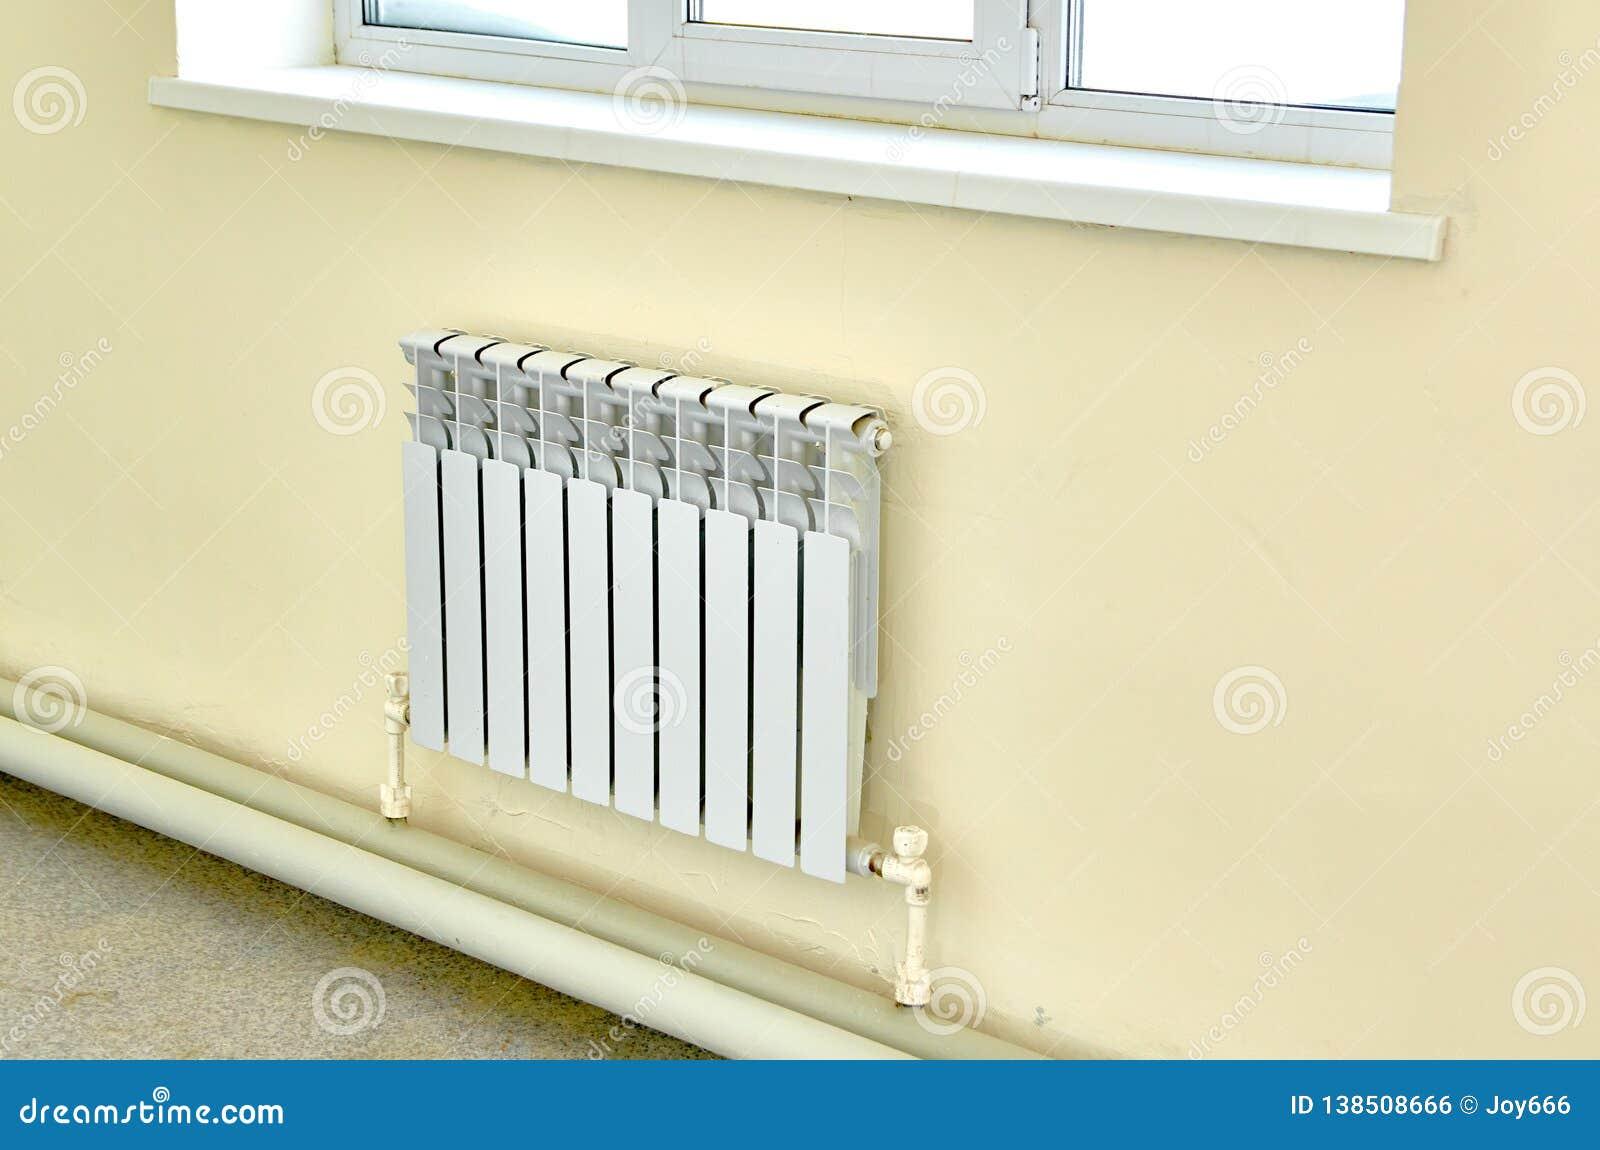 Heating White Radiator Under A Large Window Stock Photo Image Of Radiator Efficient 138508666